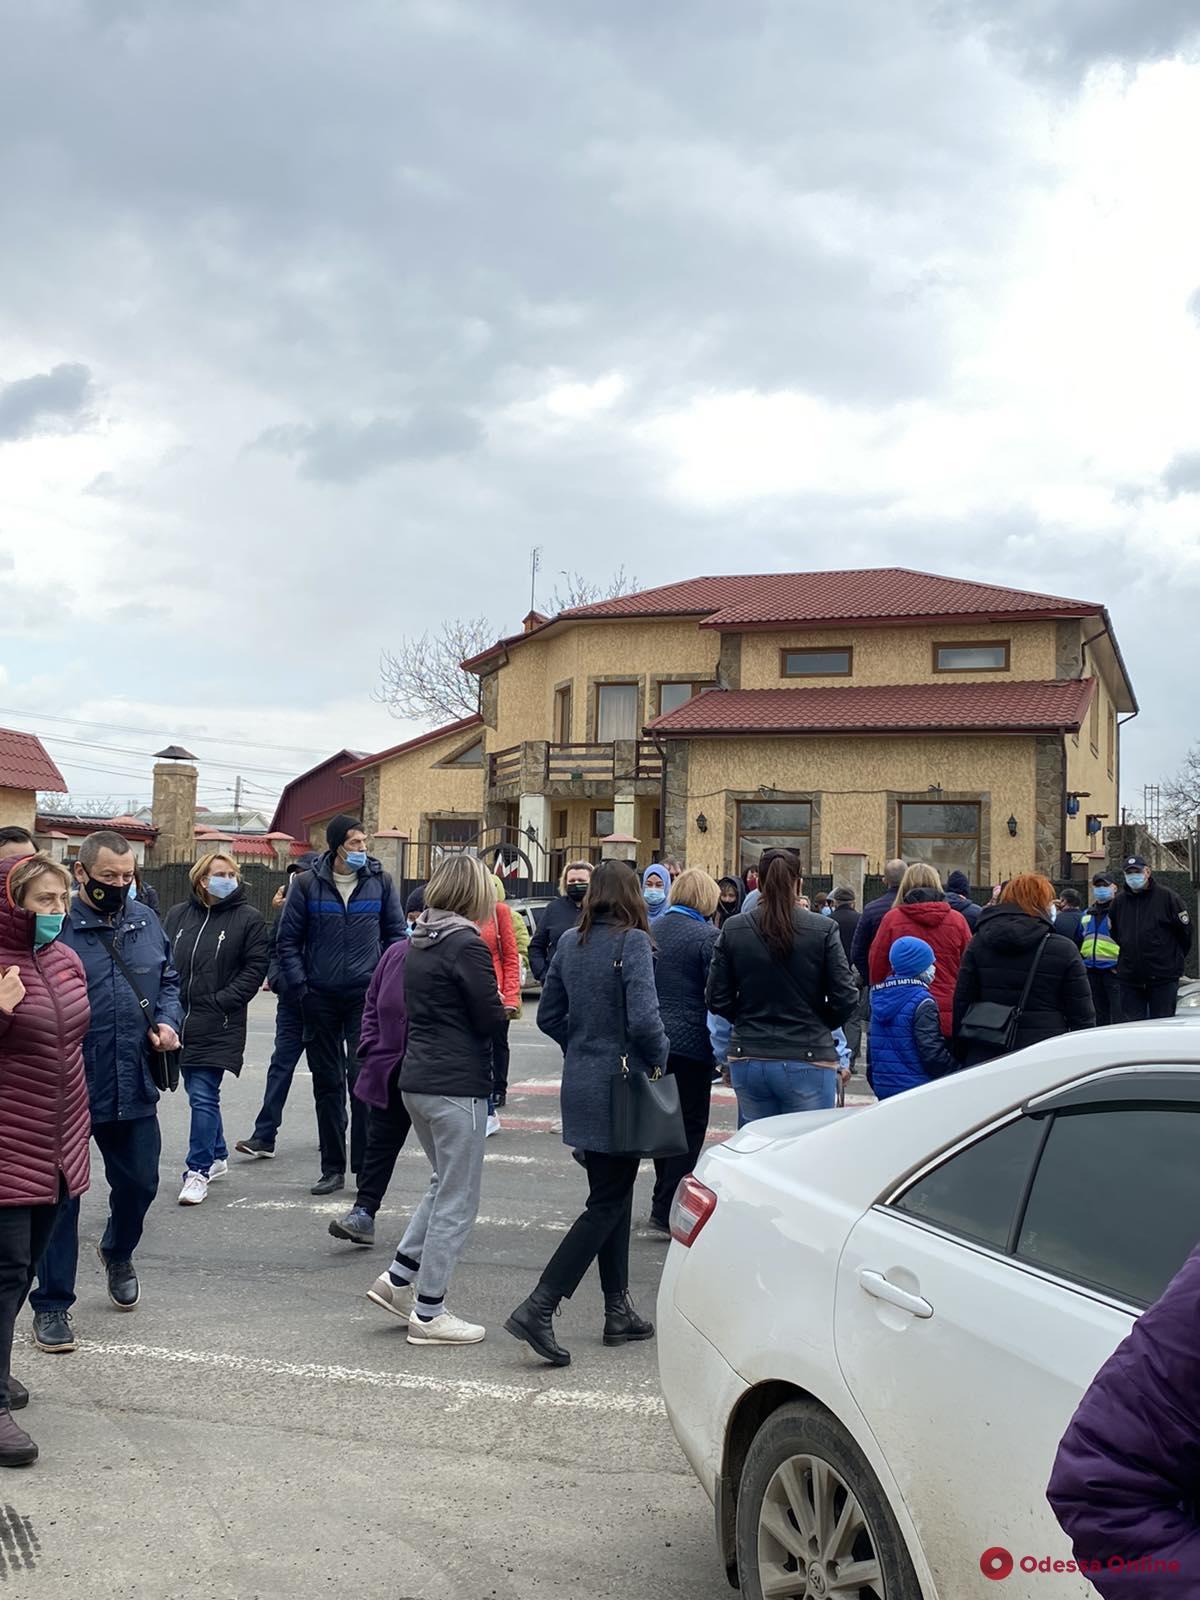 Жители Ленпоселка перекрывали дорогу — в домах военного городка больше десяти дней нет воды (видео)